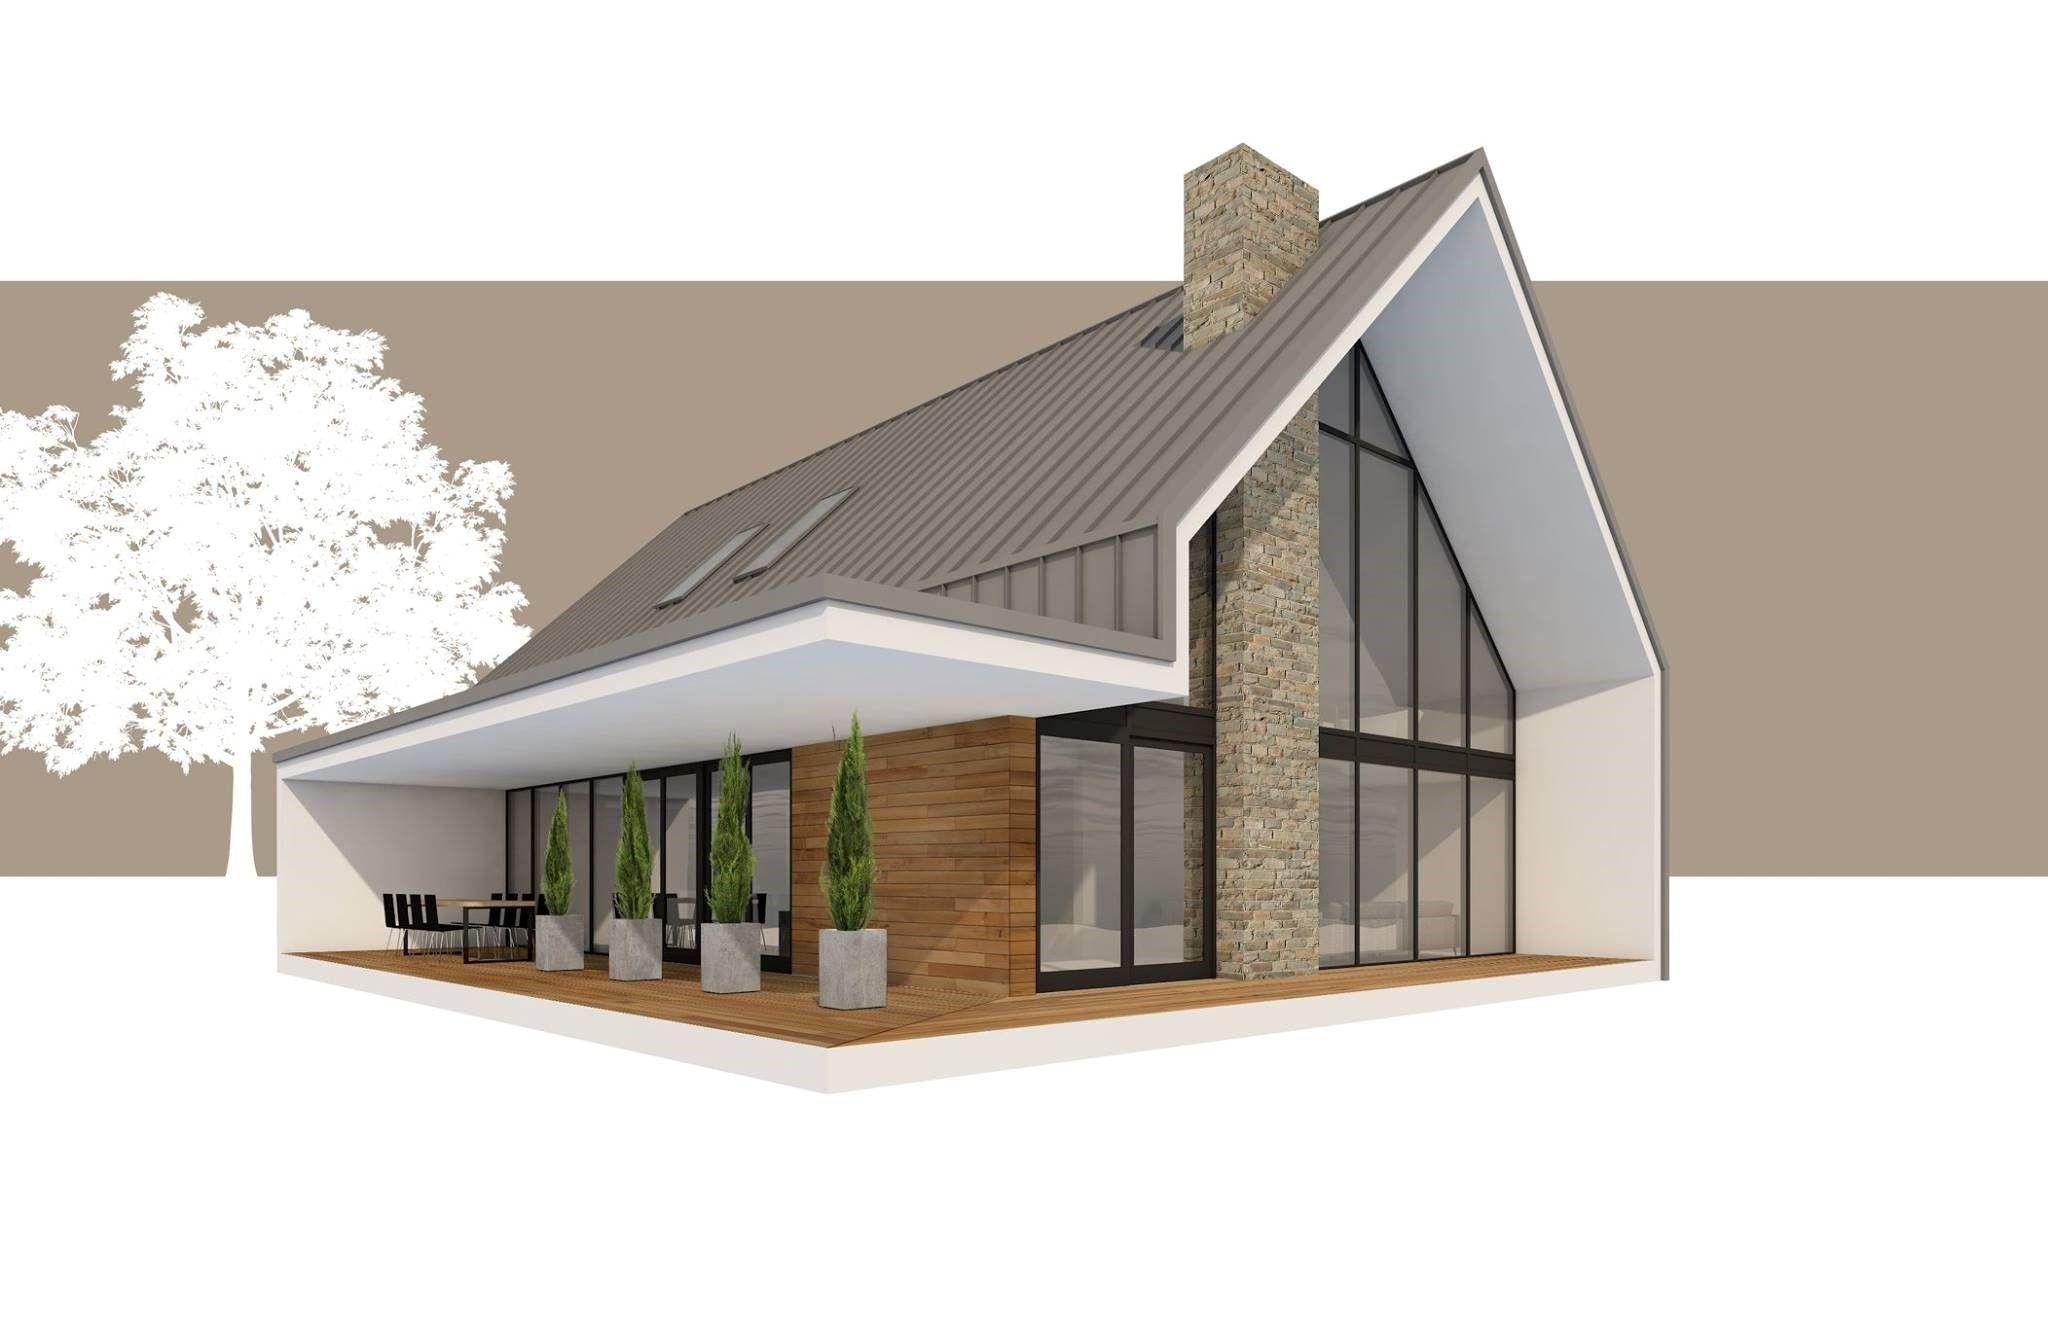 Maison mansarde moderne ventana blog - Forme de toiture maison ...